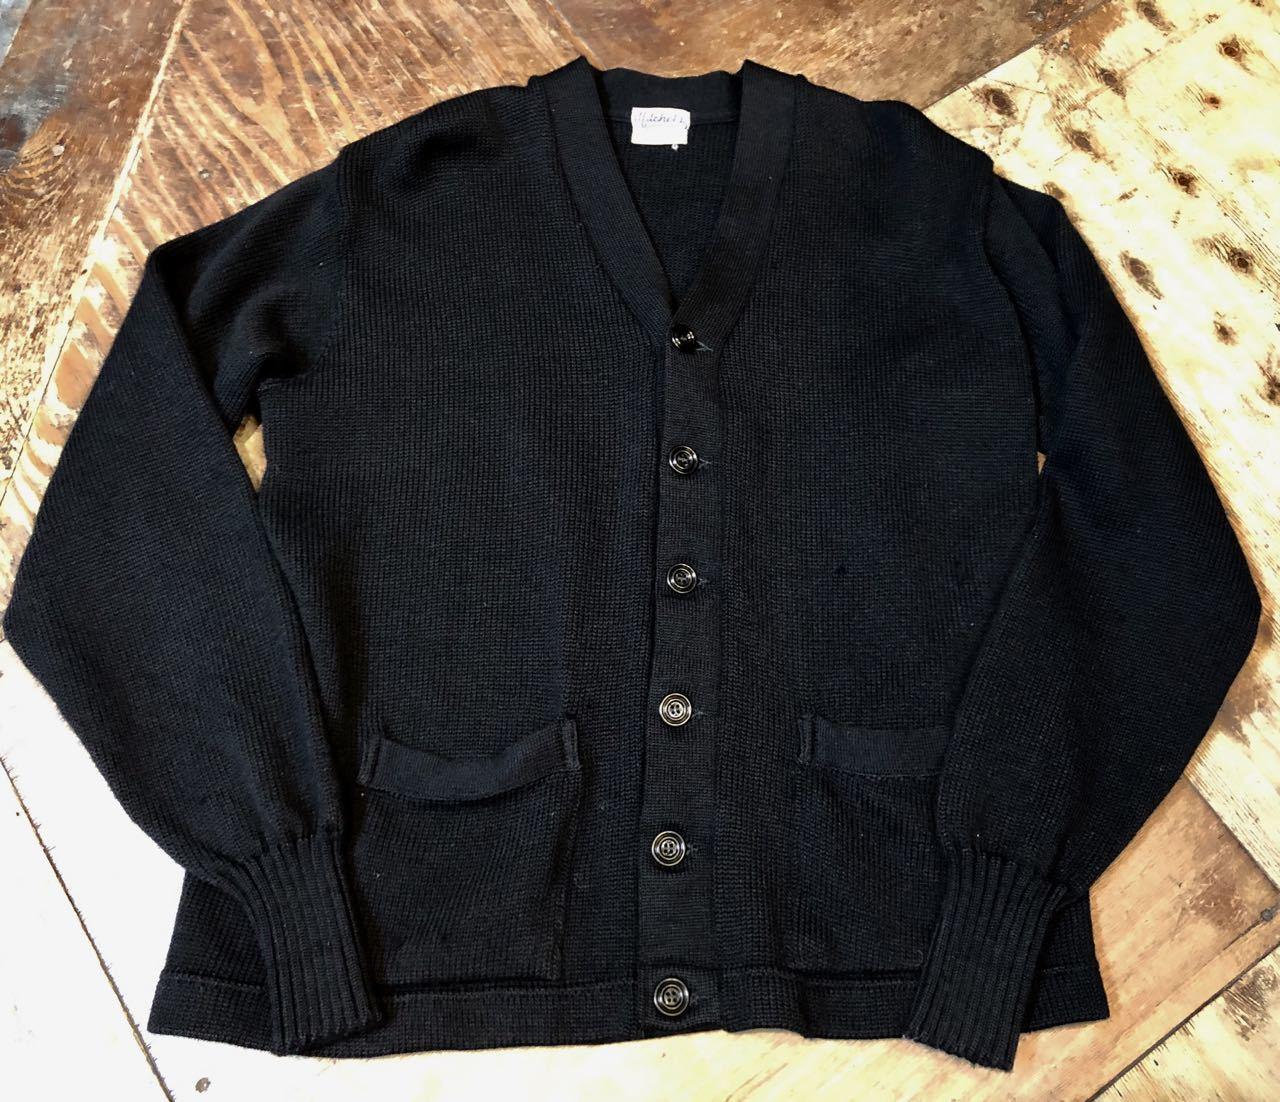 11月21日(木)入荷!50s ビンテージ all wool ブラックカラー カーディガン_c0144020_14022518.jpg